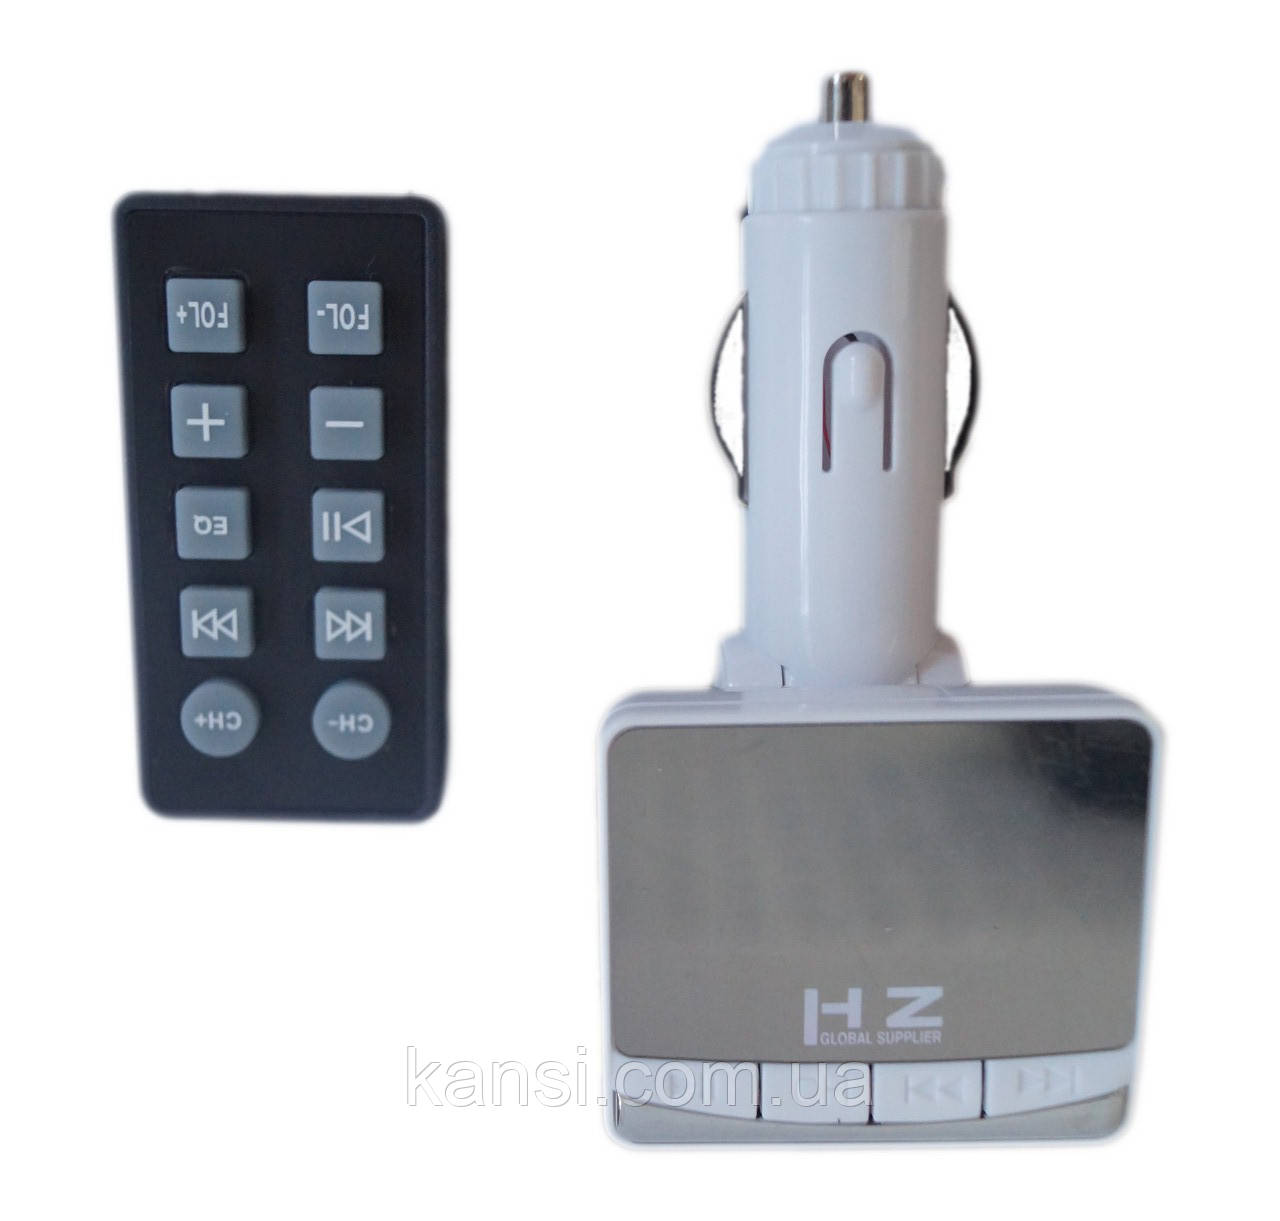 Автомобильный FM  трансмиттер H18 Bluetooth, Трансмиттер, модулятор, фм модулятор